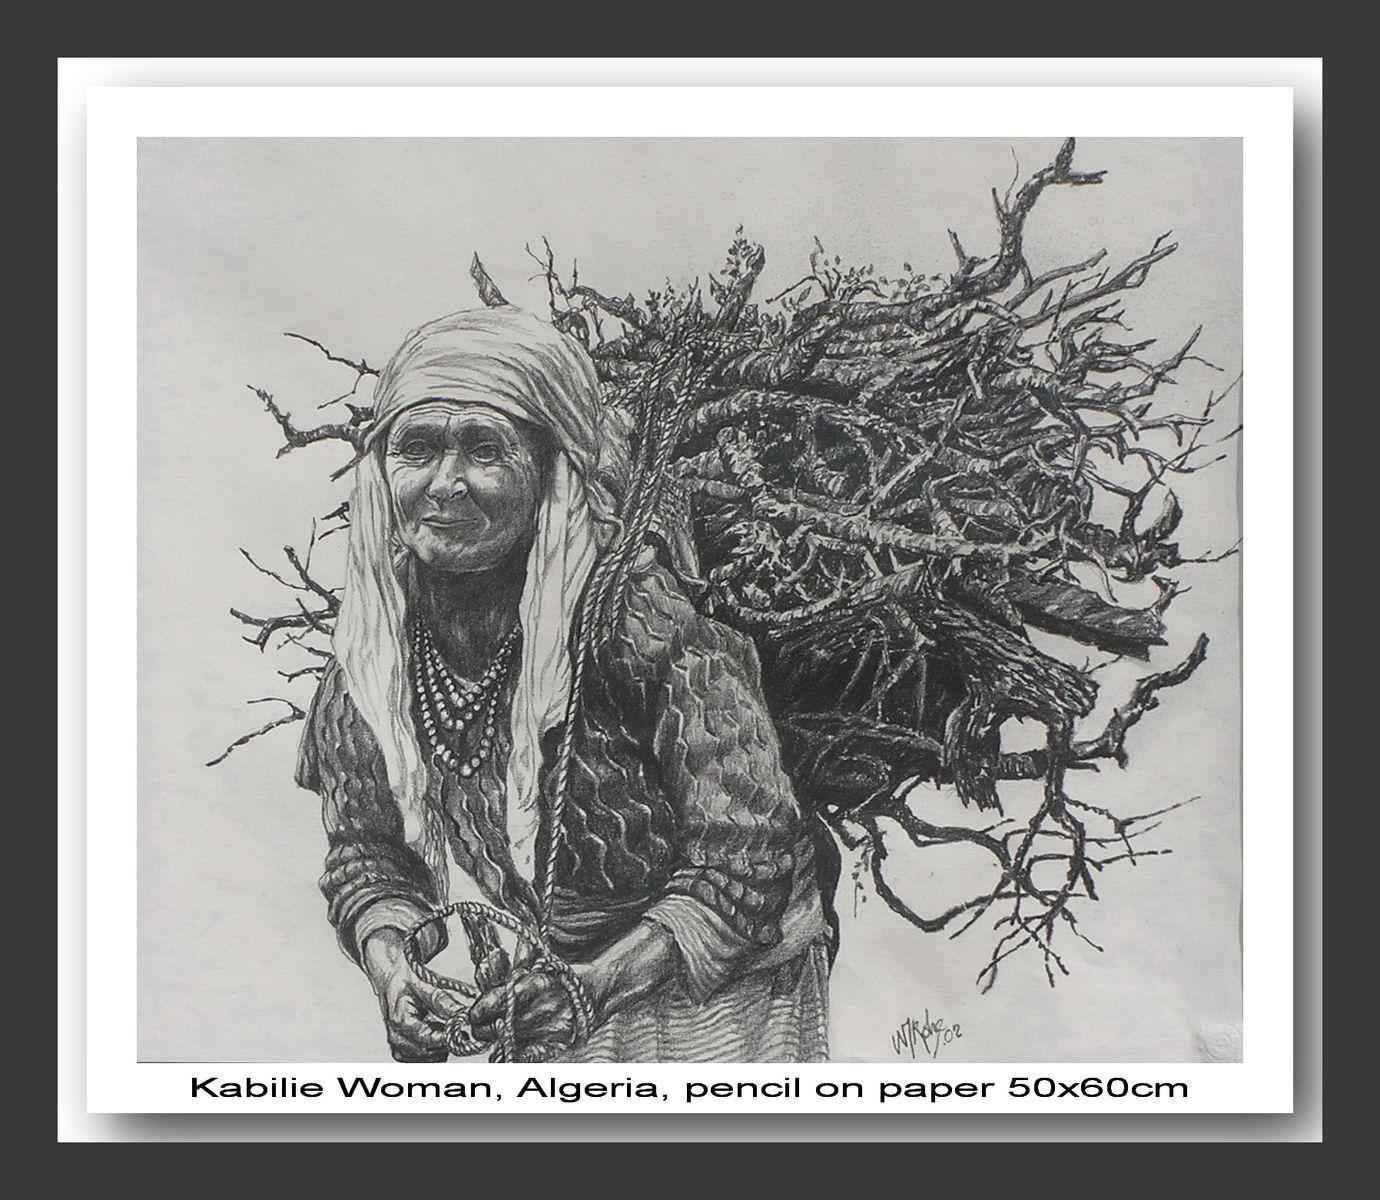 Kabilie Woman, Algeria